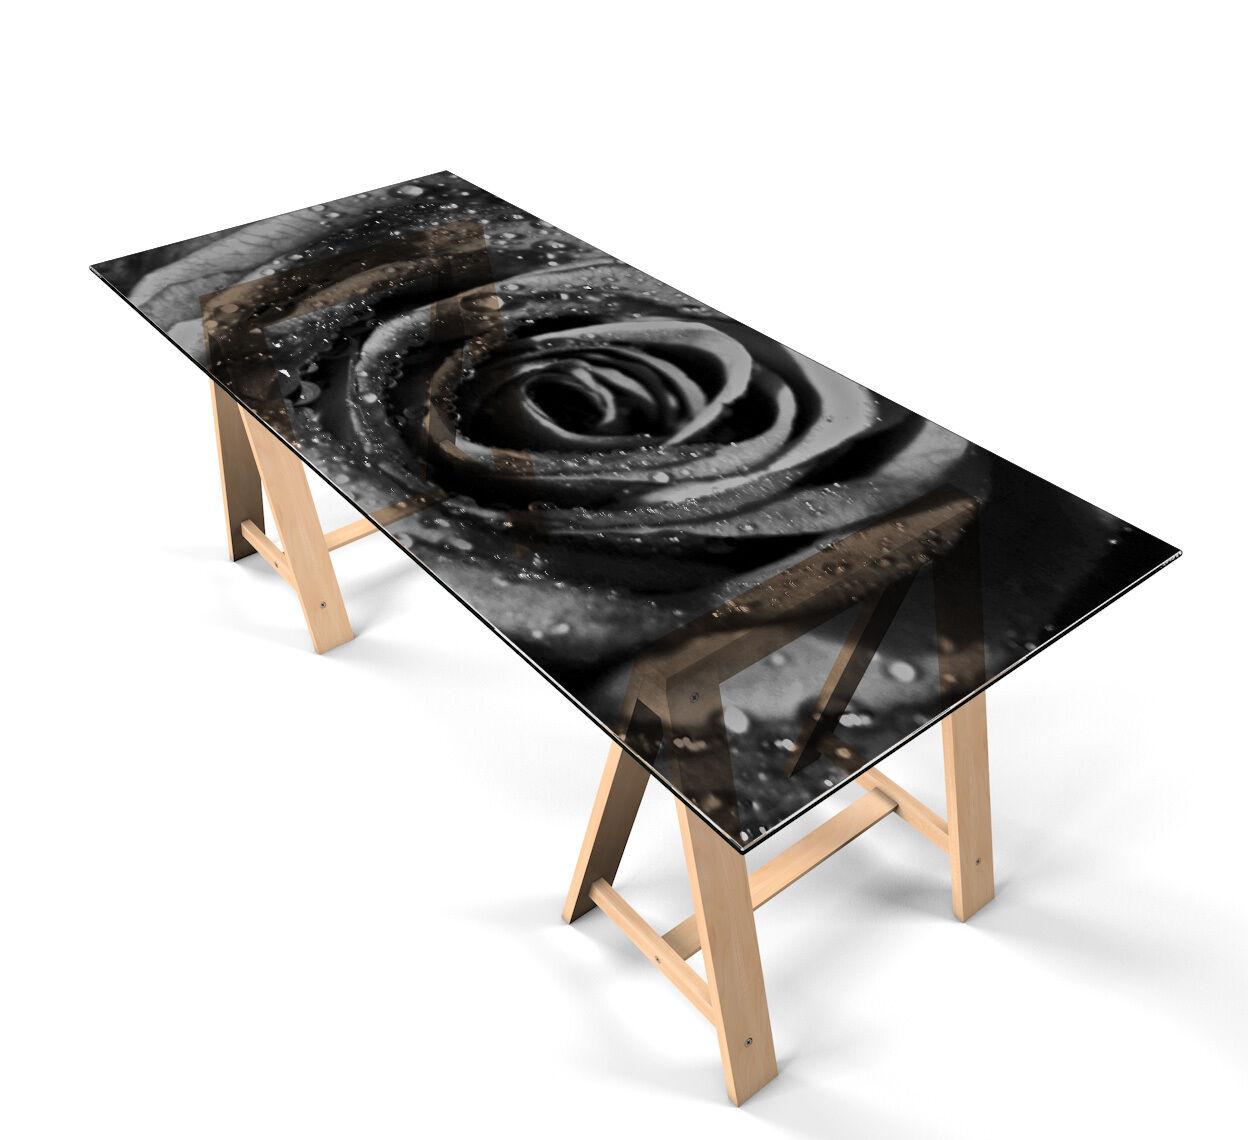 Couchtisch Glastisch Beistelltisch Tisch Wohnzimmertisch Folie Klebefolie 00046